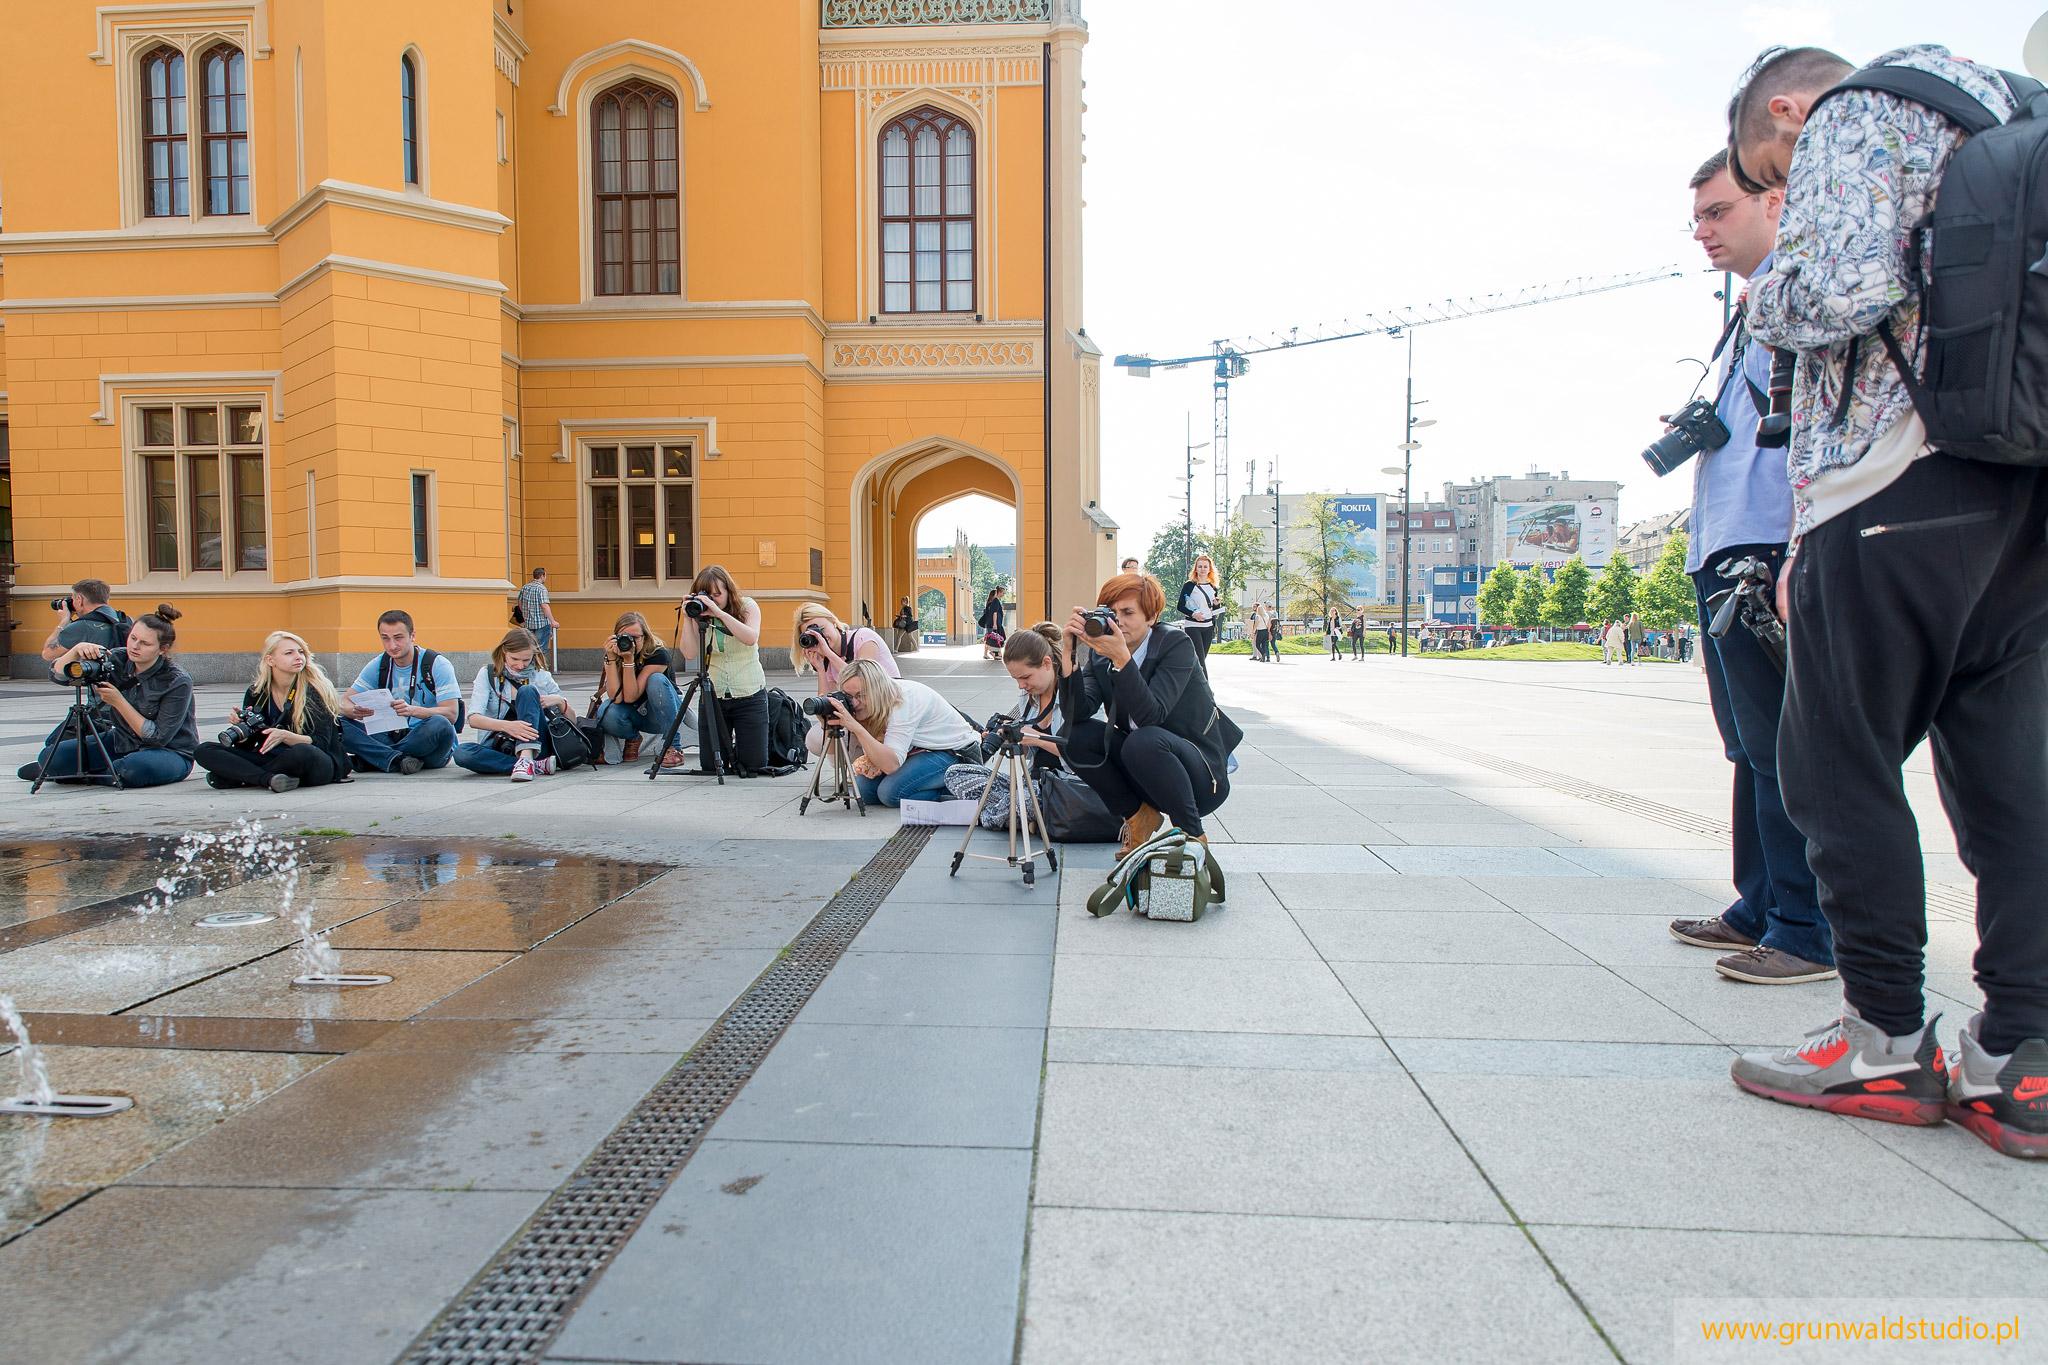 Grunwald Studio Kursy fotografii Wrocław 2015 16